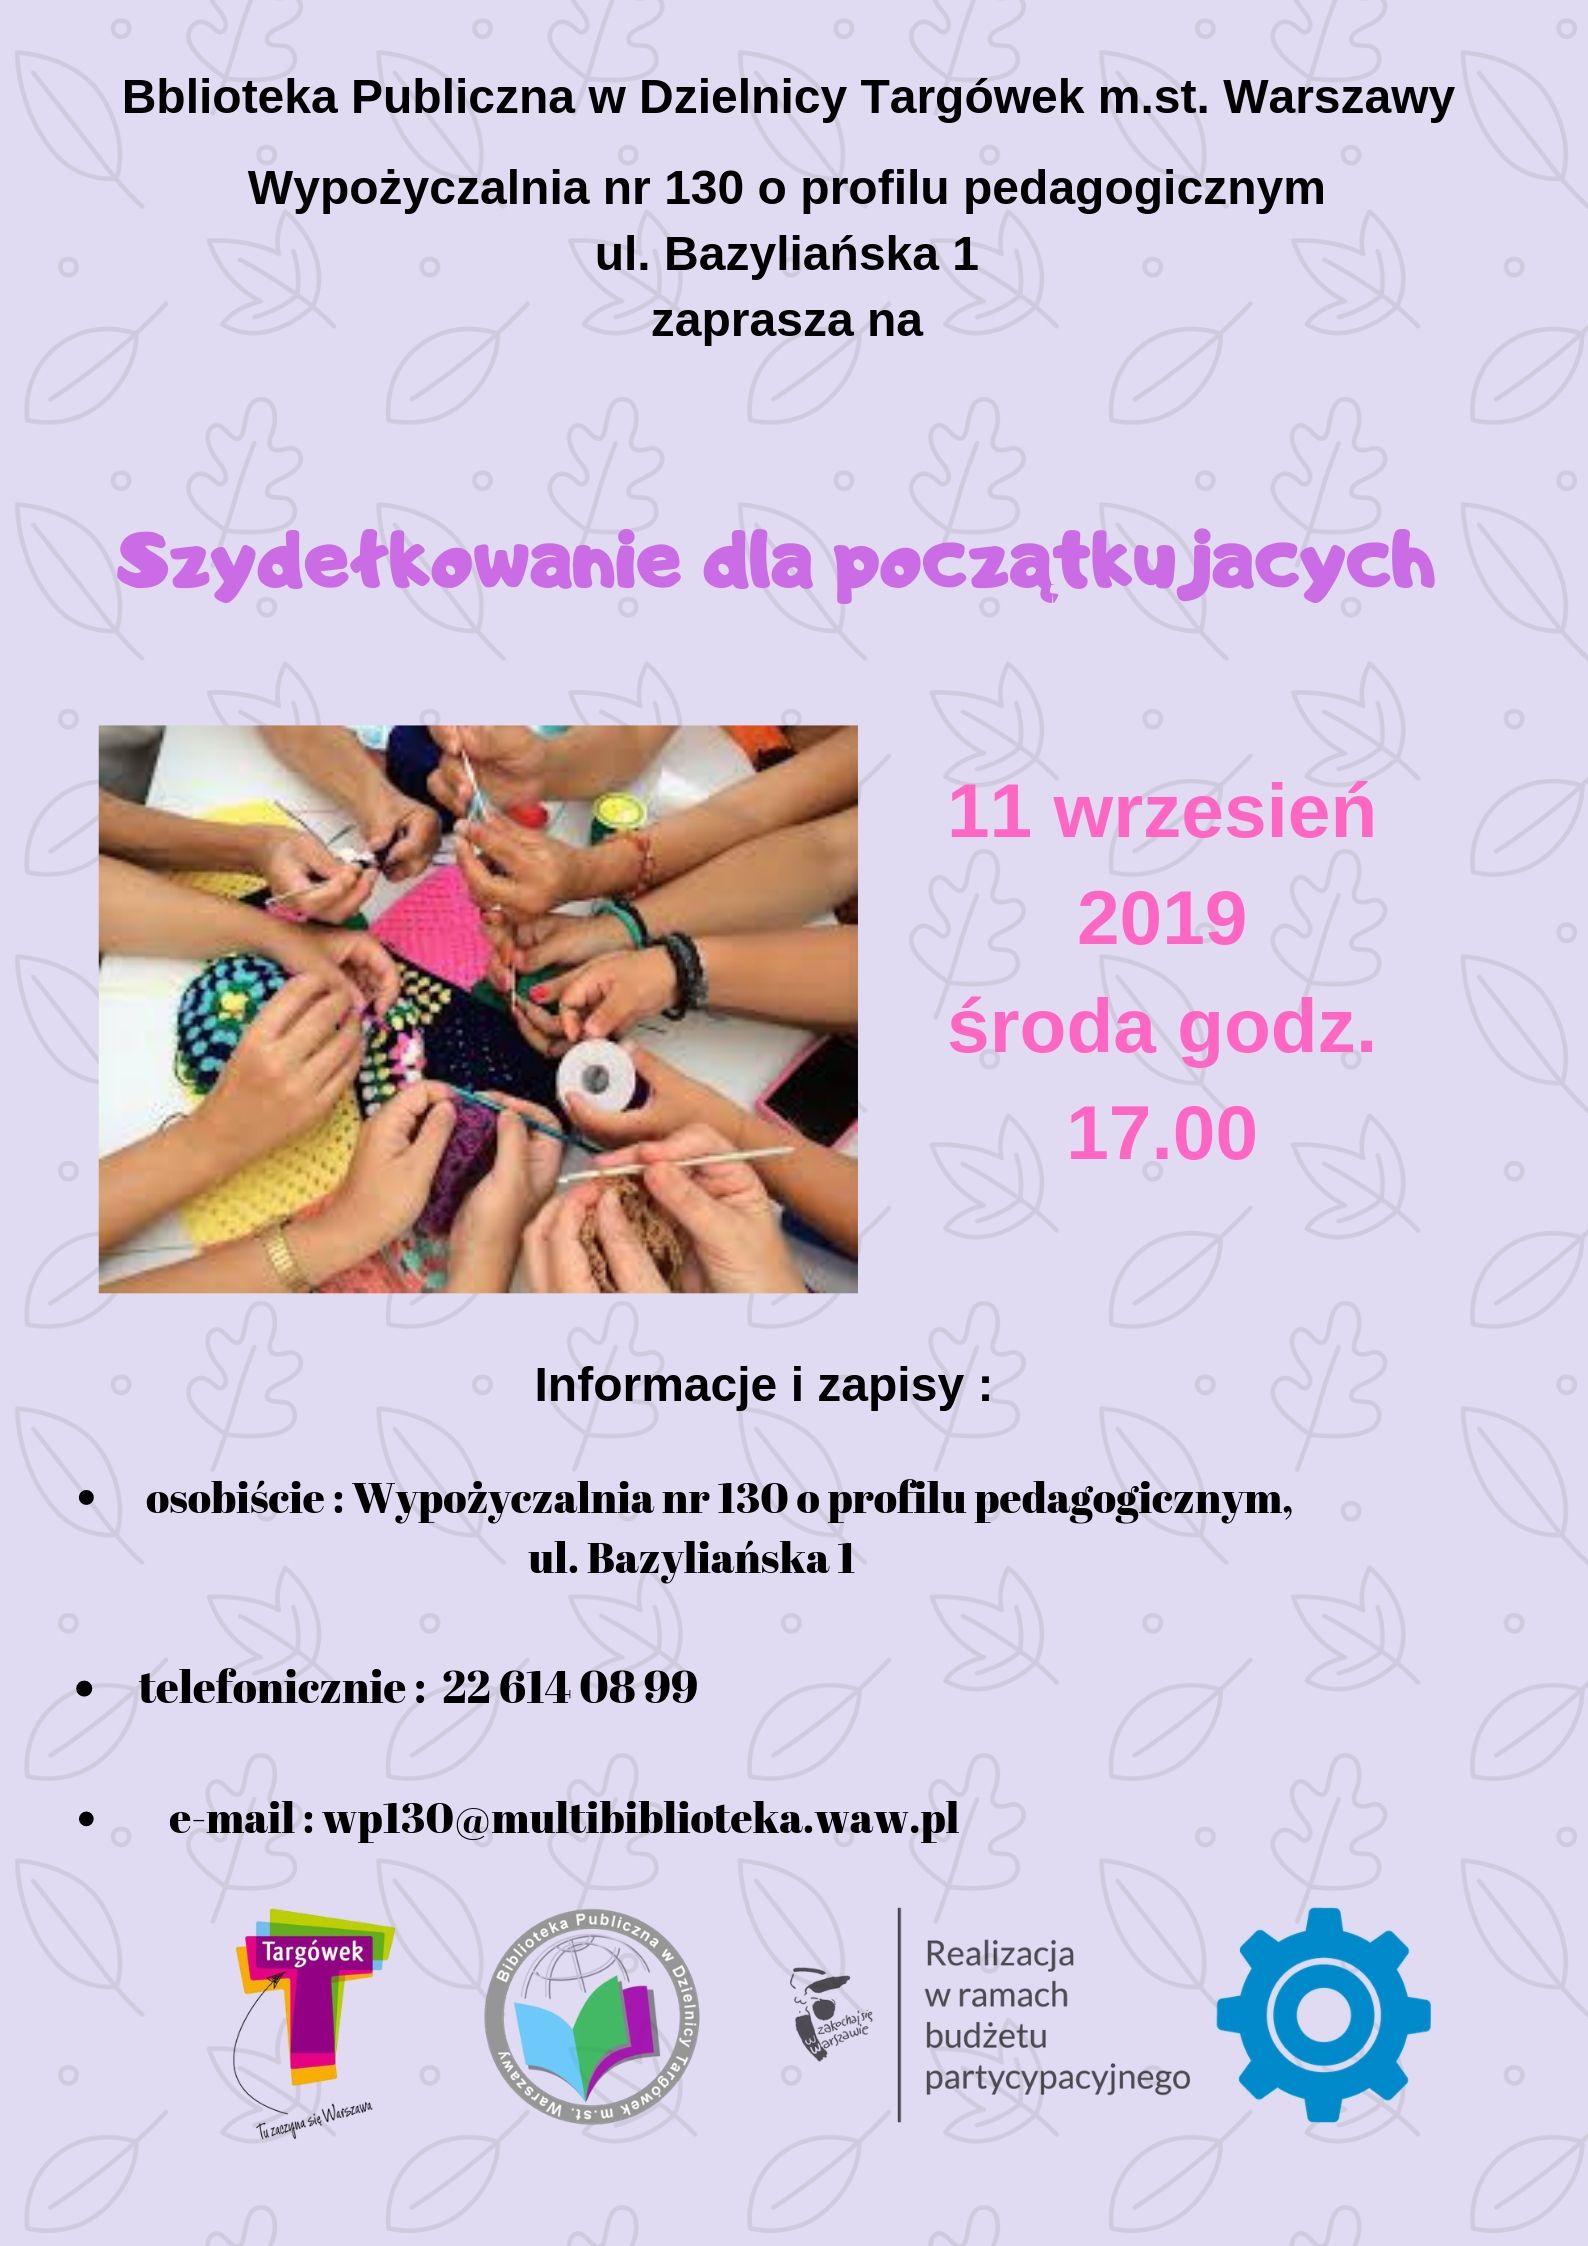 plakat z zaproszeniem na warsztaty szydełkowania